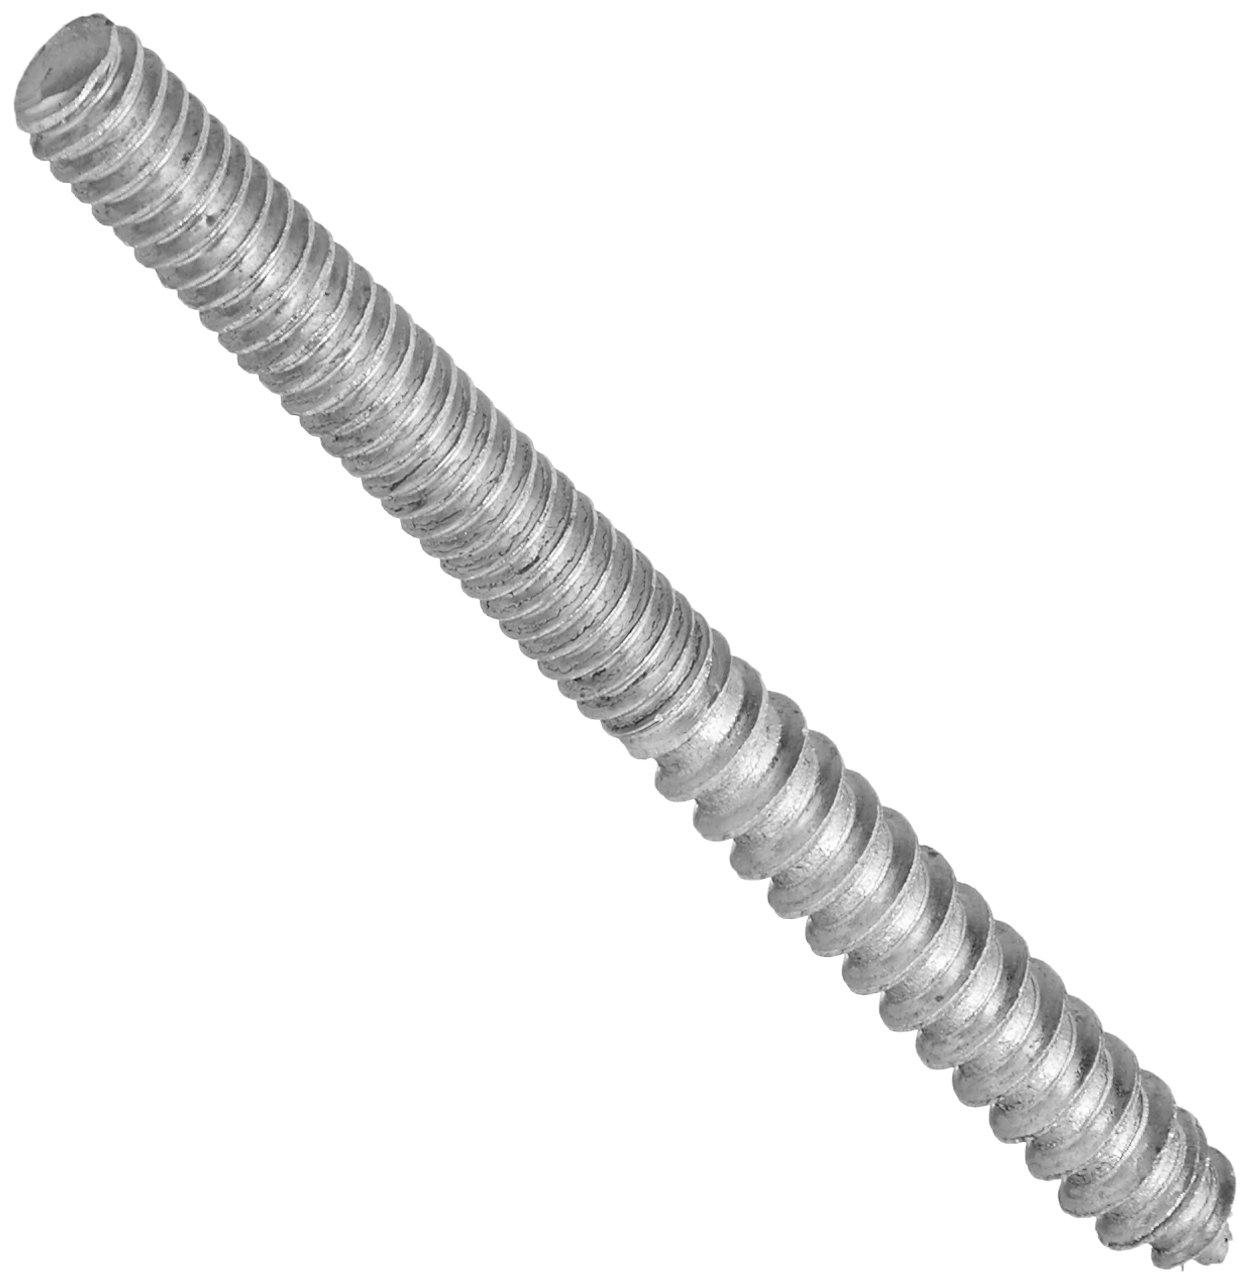 Hard-to-Find Fastener 014973205423 Hanger Bolts, 1/4-20 x 3, Piece-12